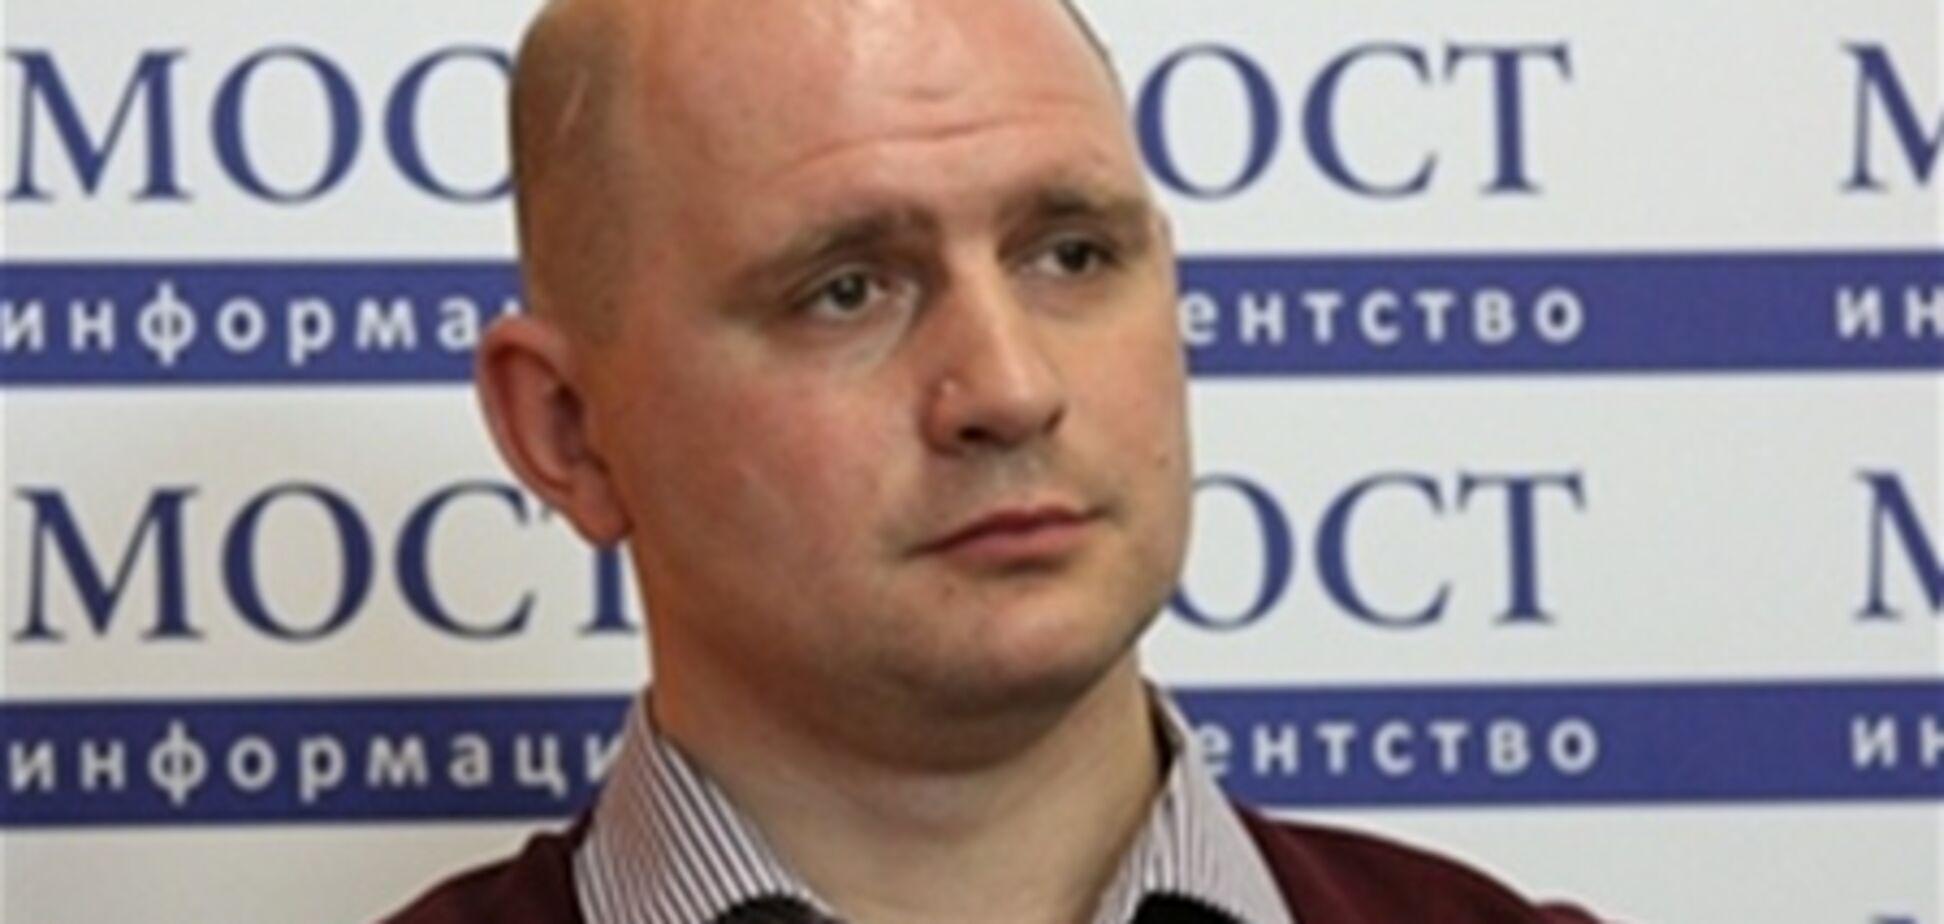 'Дніпропетровський терорист' просить про суд присяжних